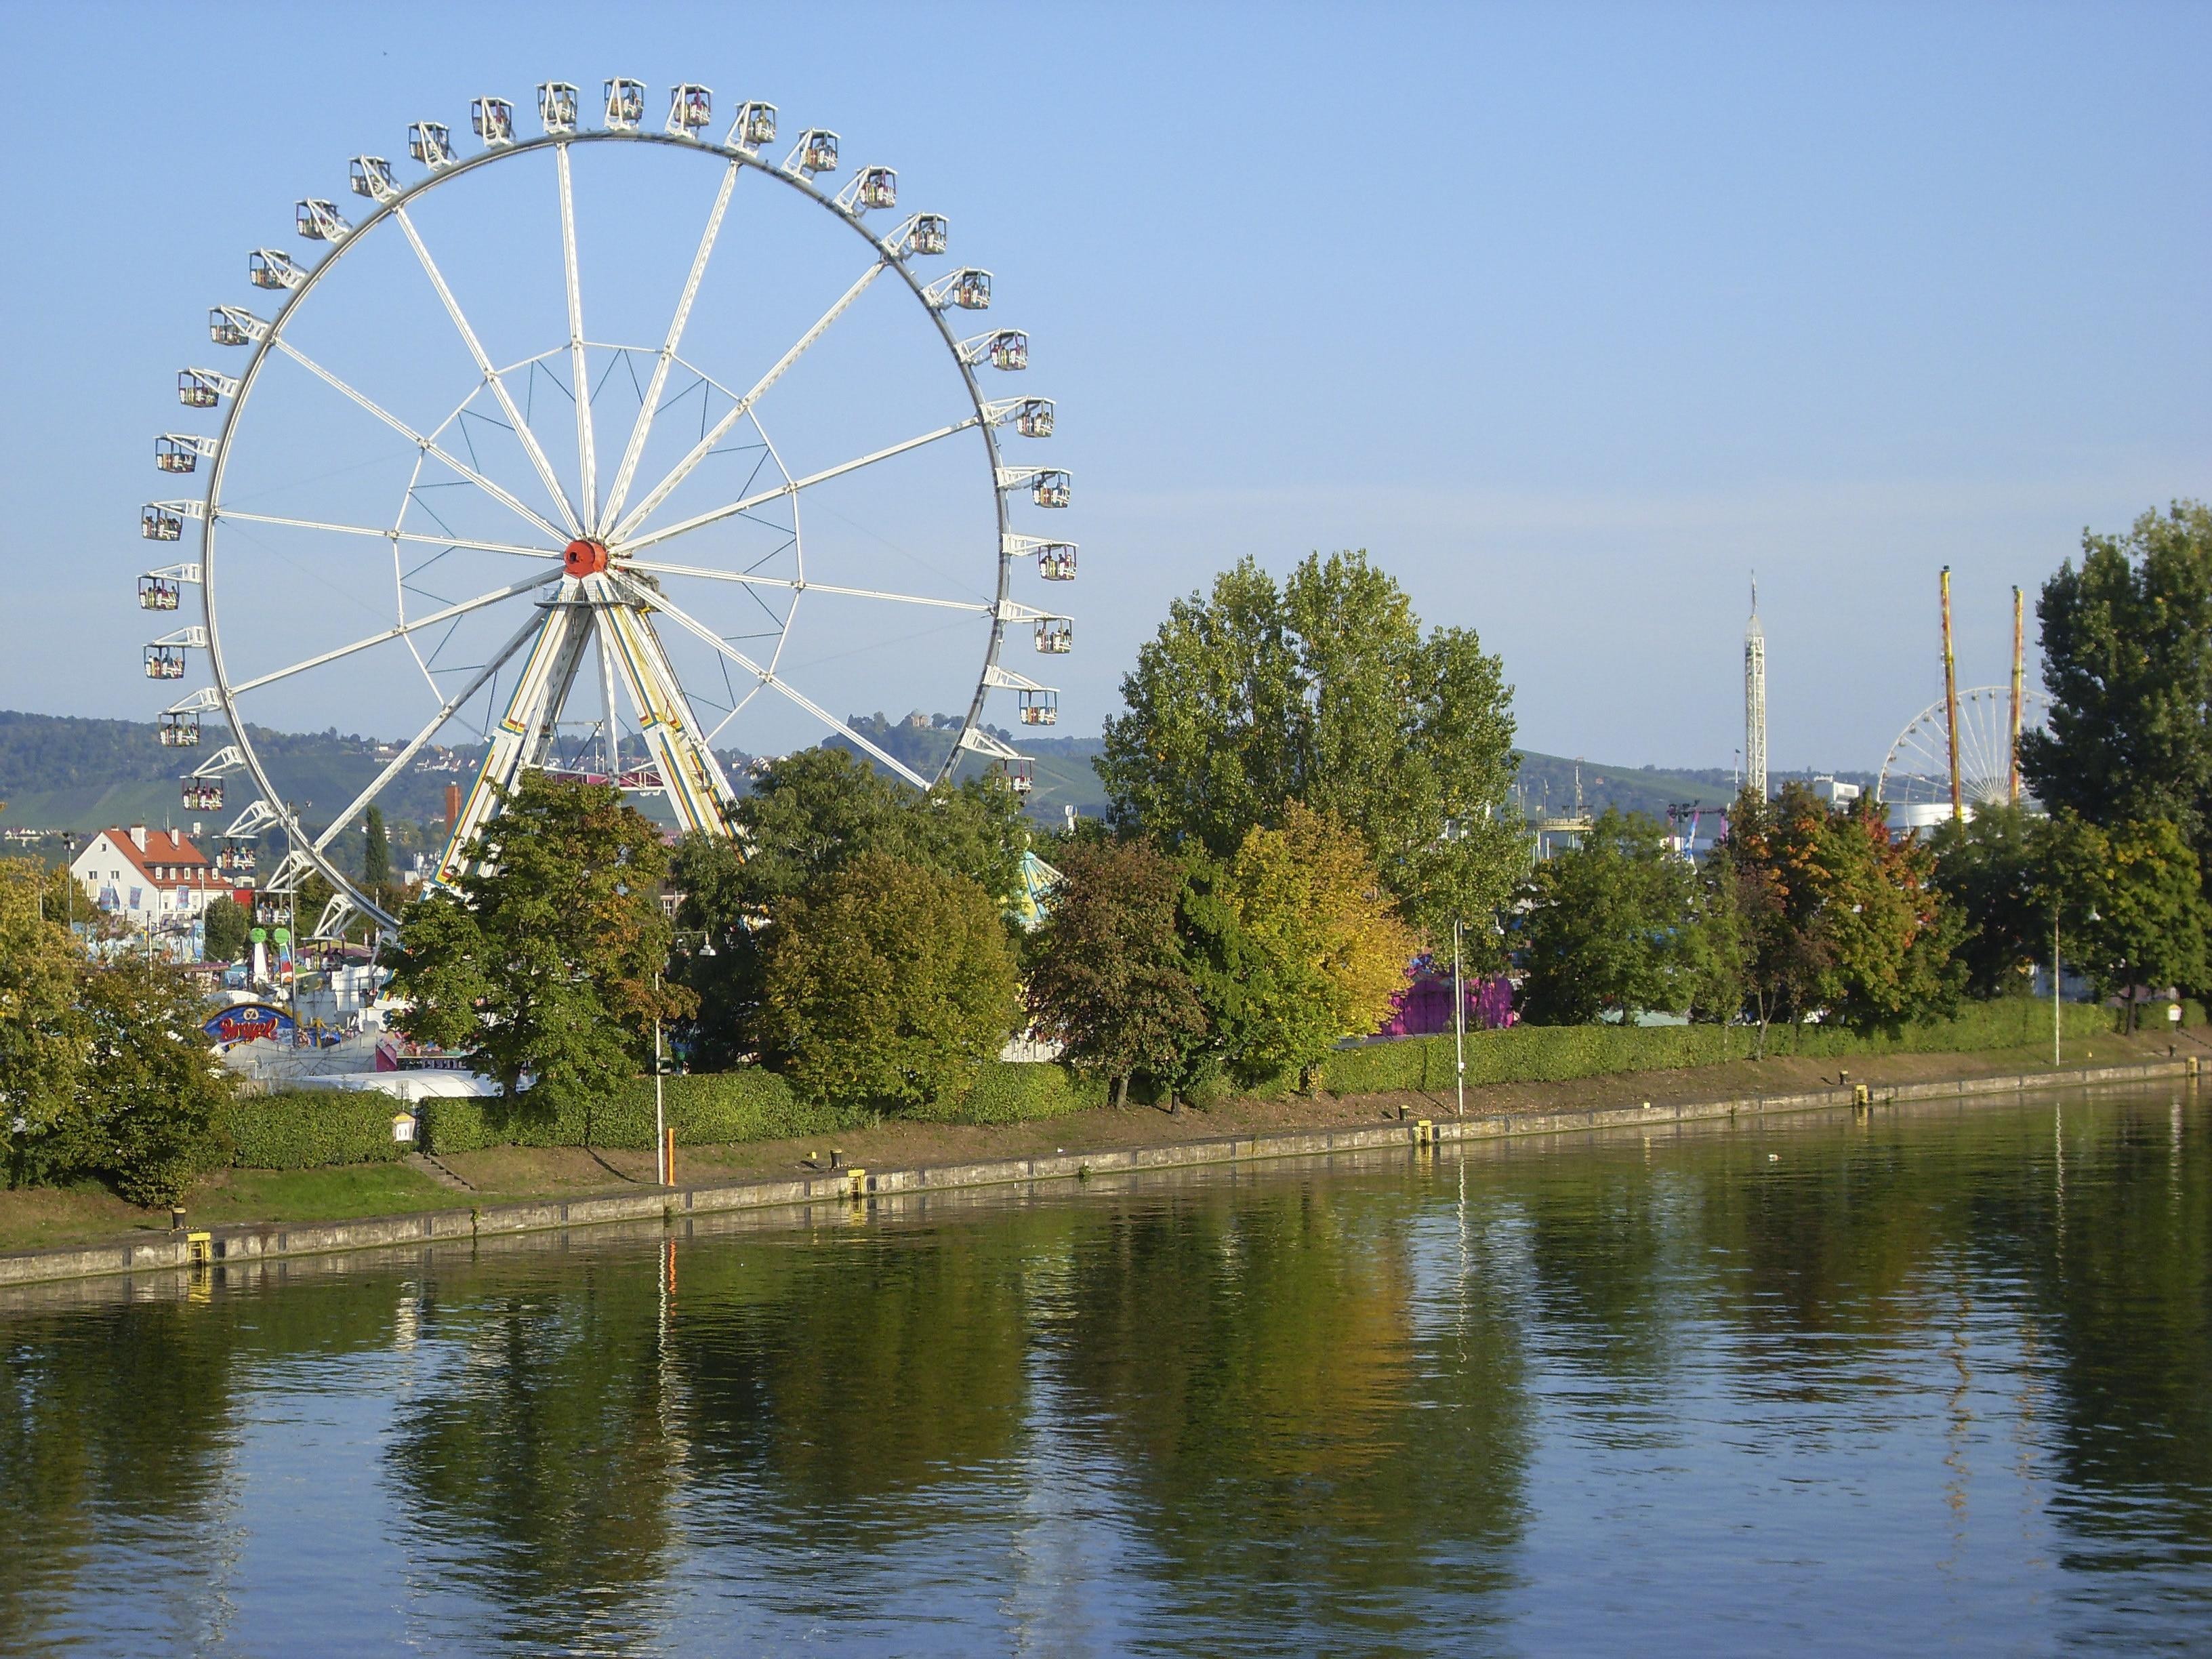 Eppishausen, Bavaria, Germany